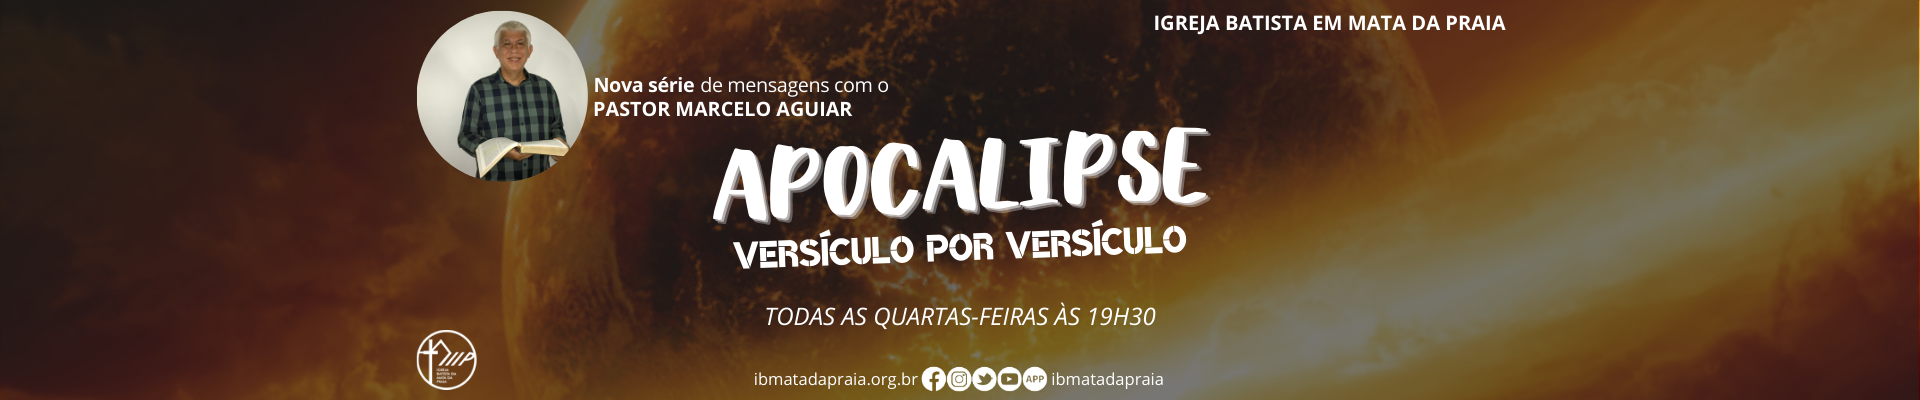 Apocalipse-Banner